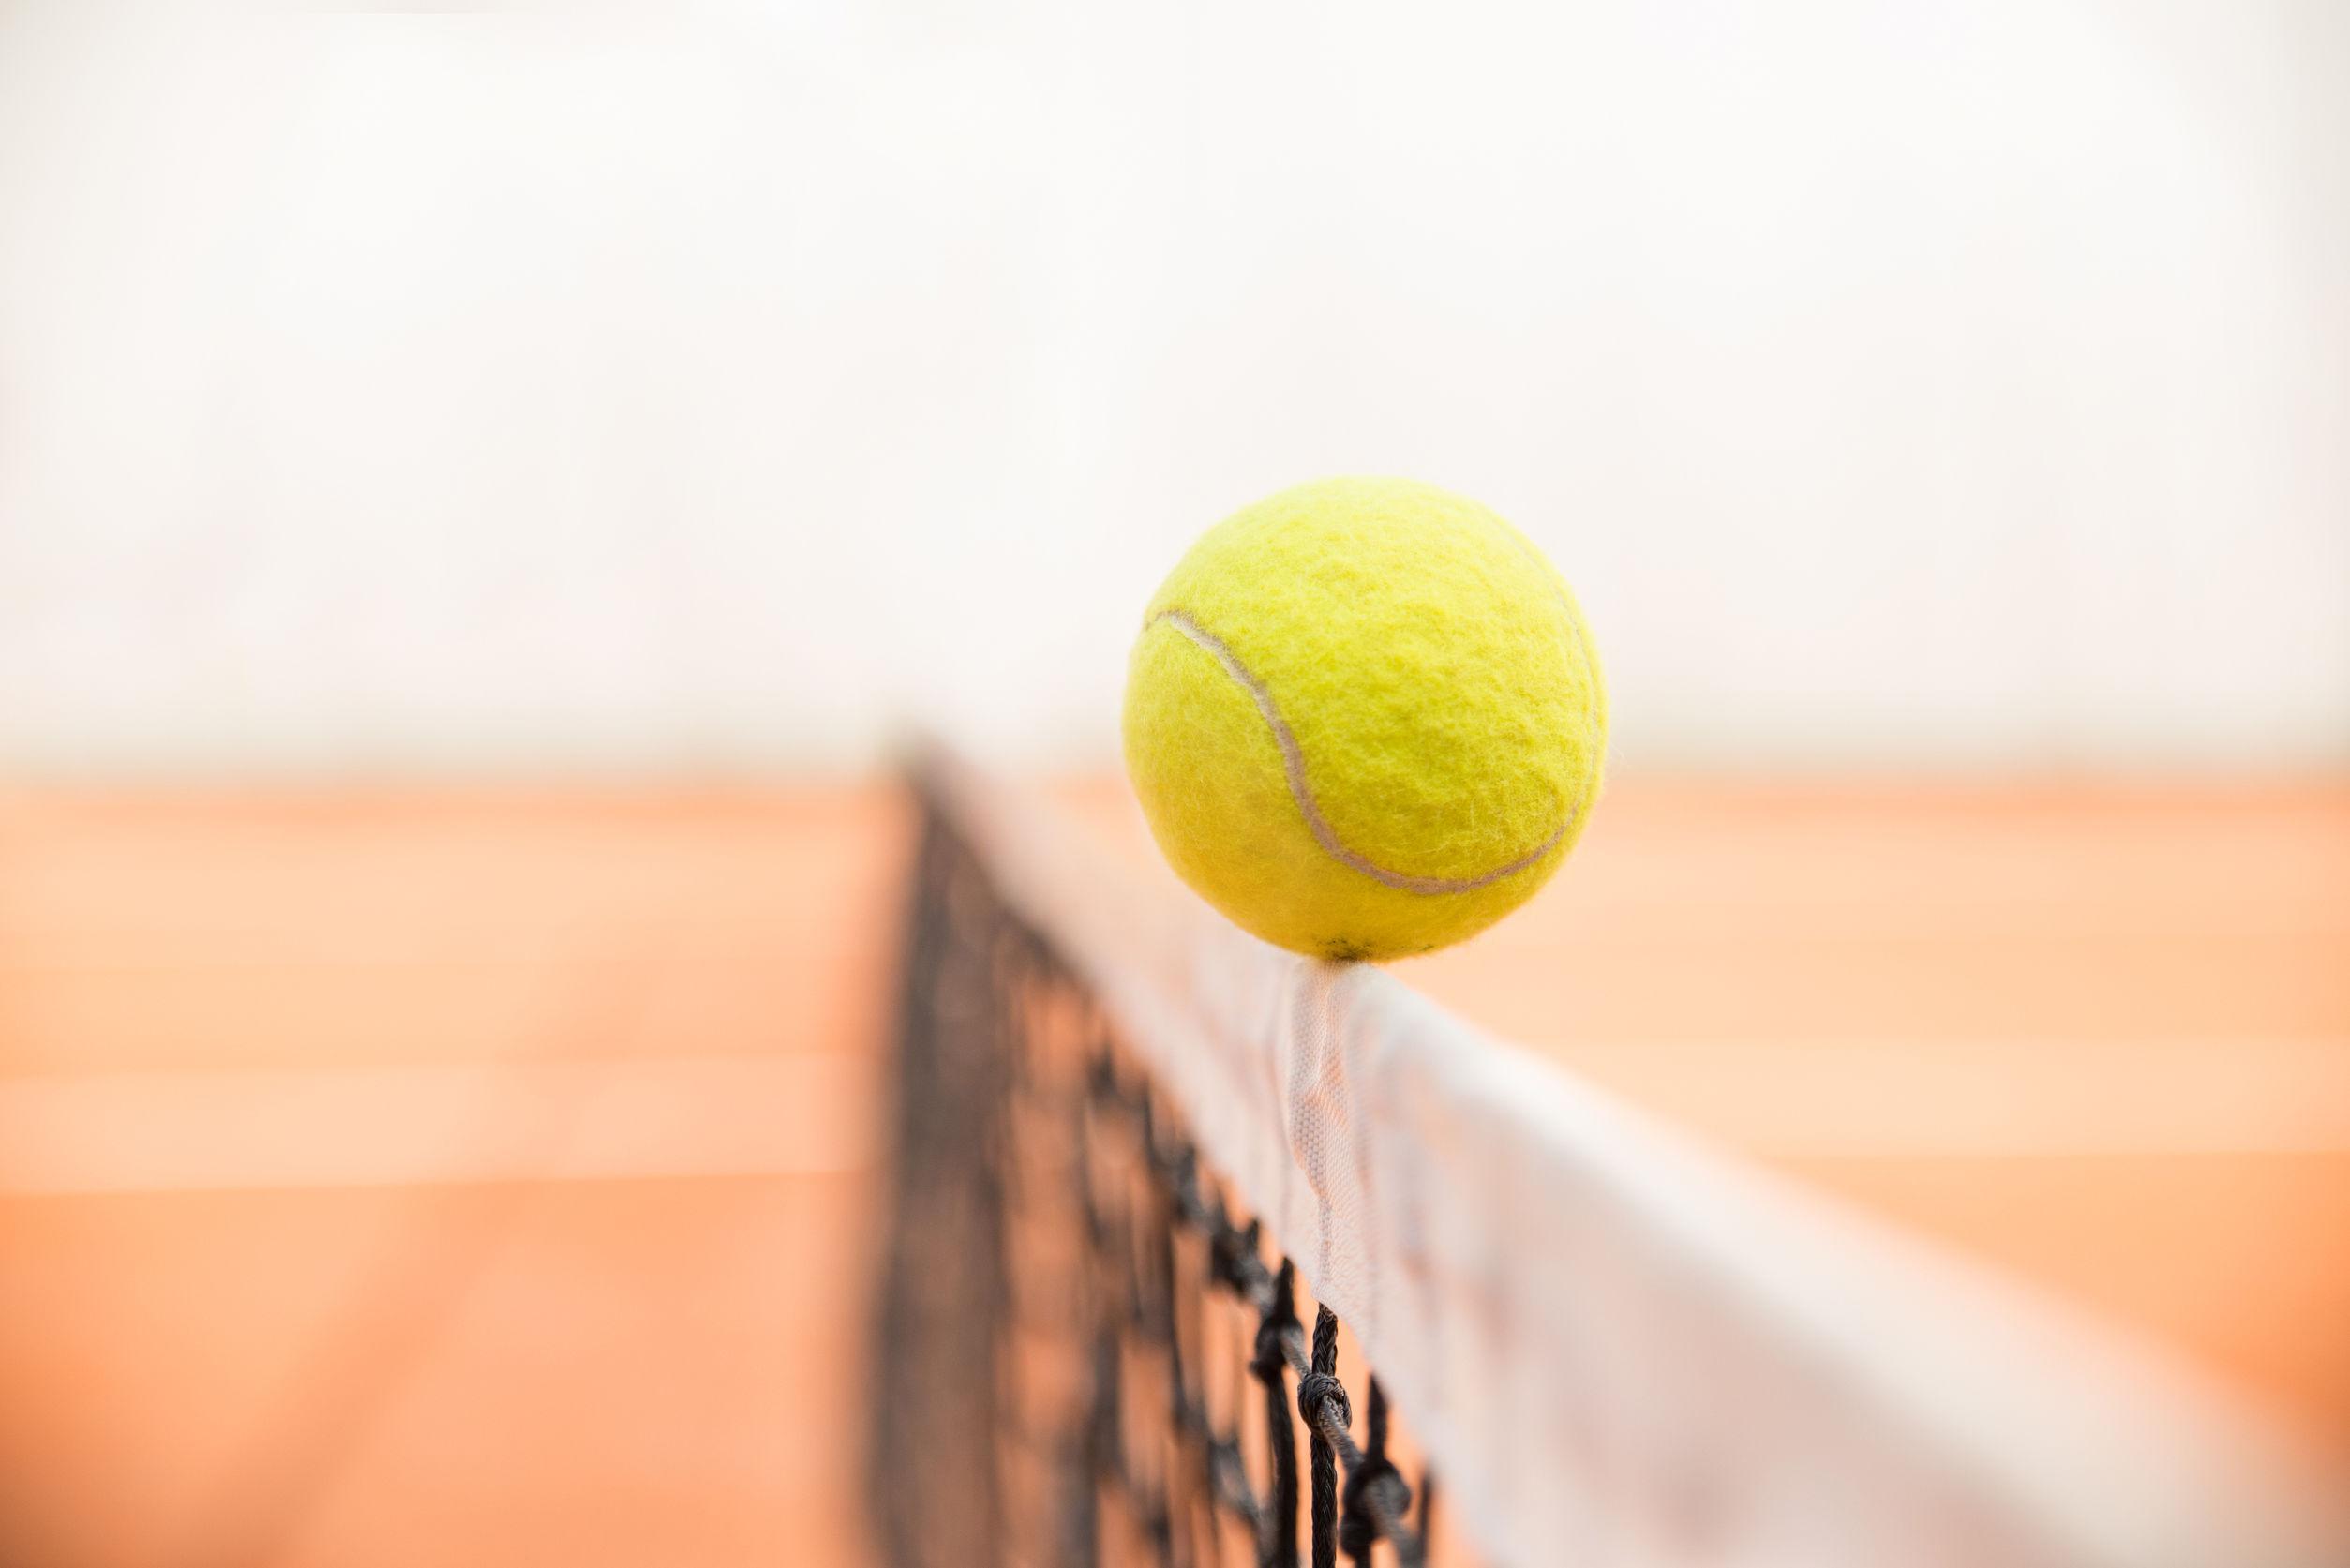 Migliori palle da tennis 2021: Guida all'acquisto